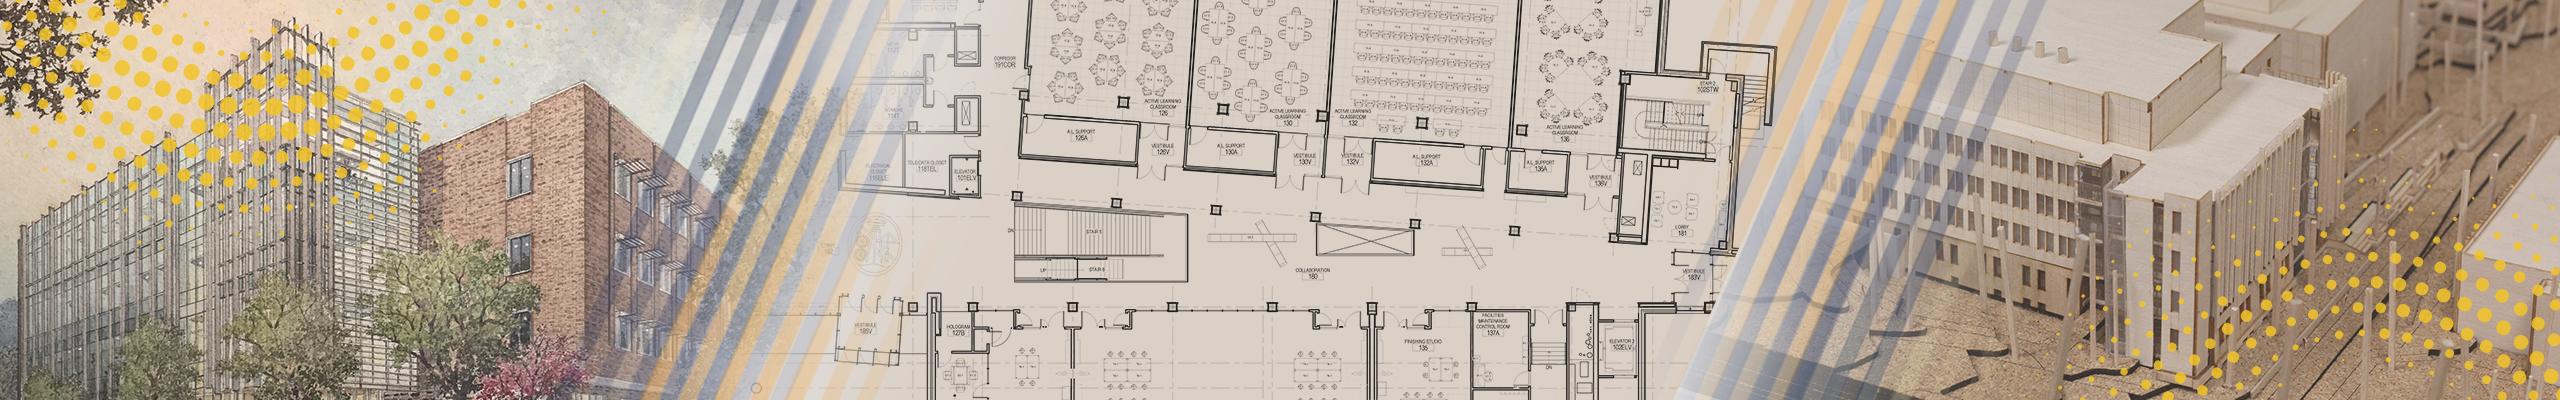 collage of building renderings